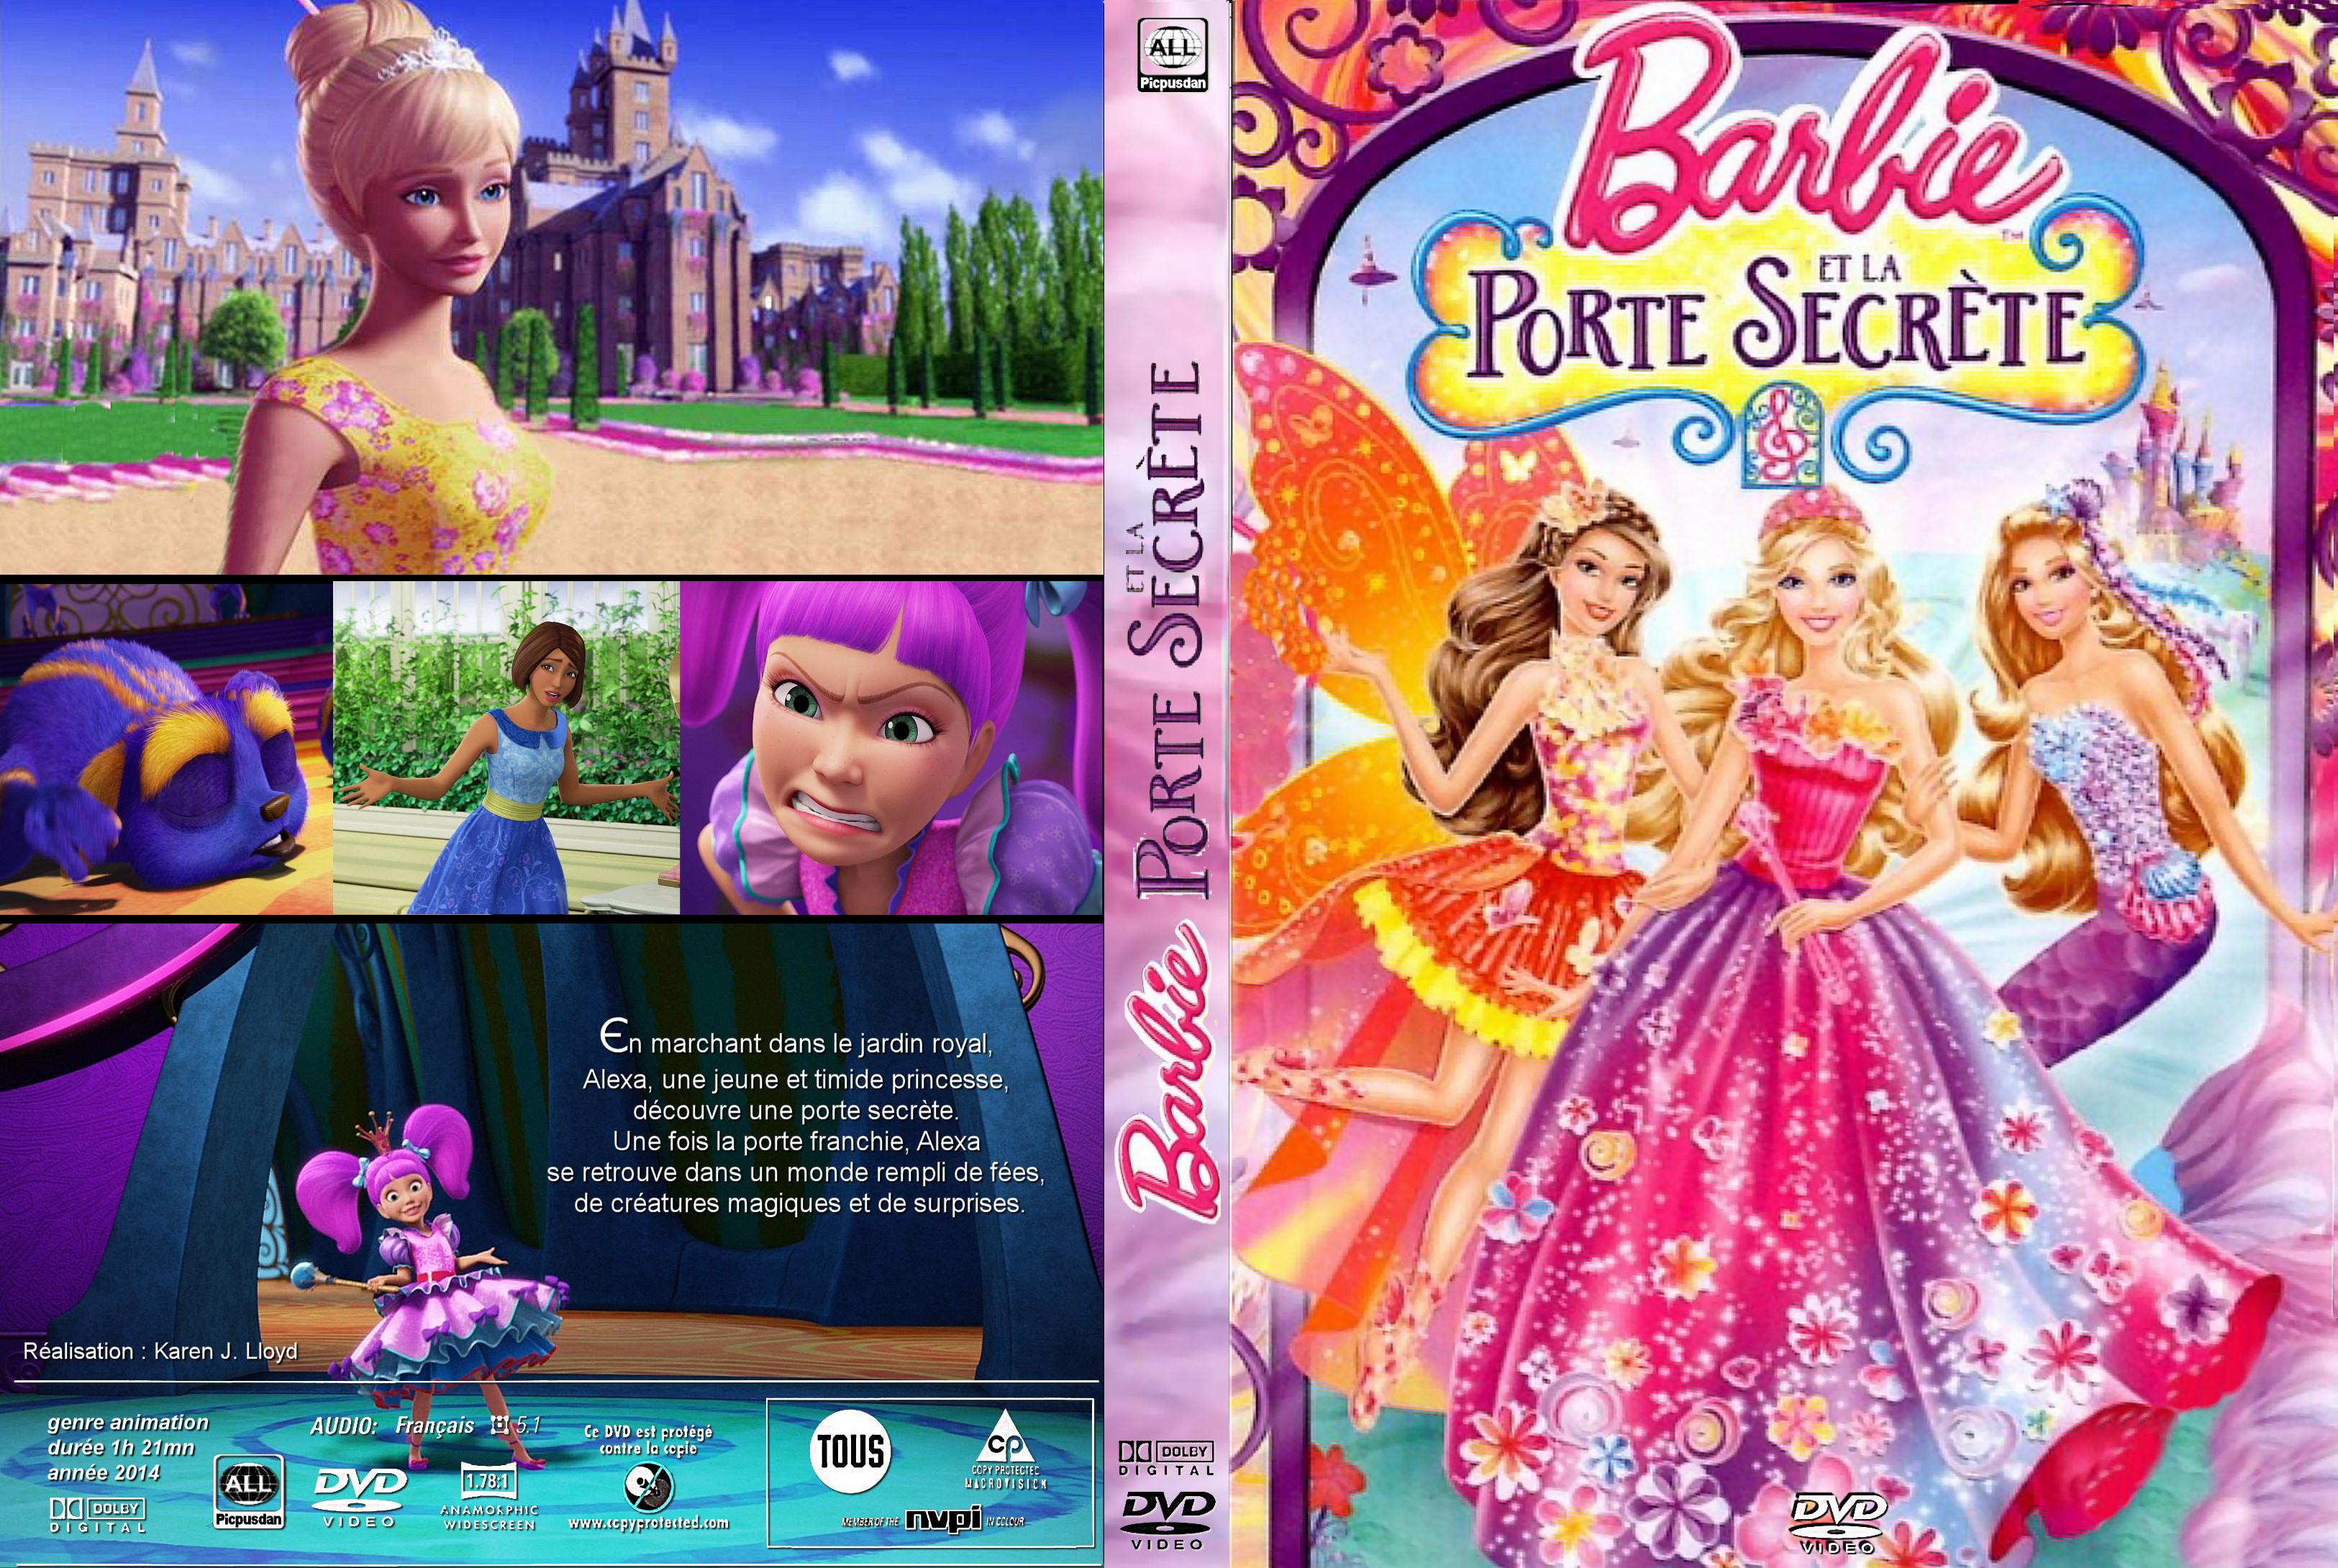 Fichier barbie et la porte barbiep dia - Barbie et la porte secrete film complet ...